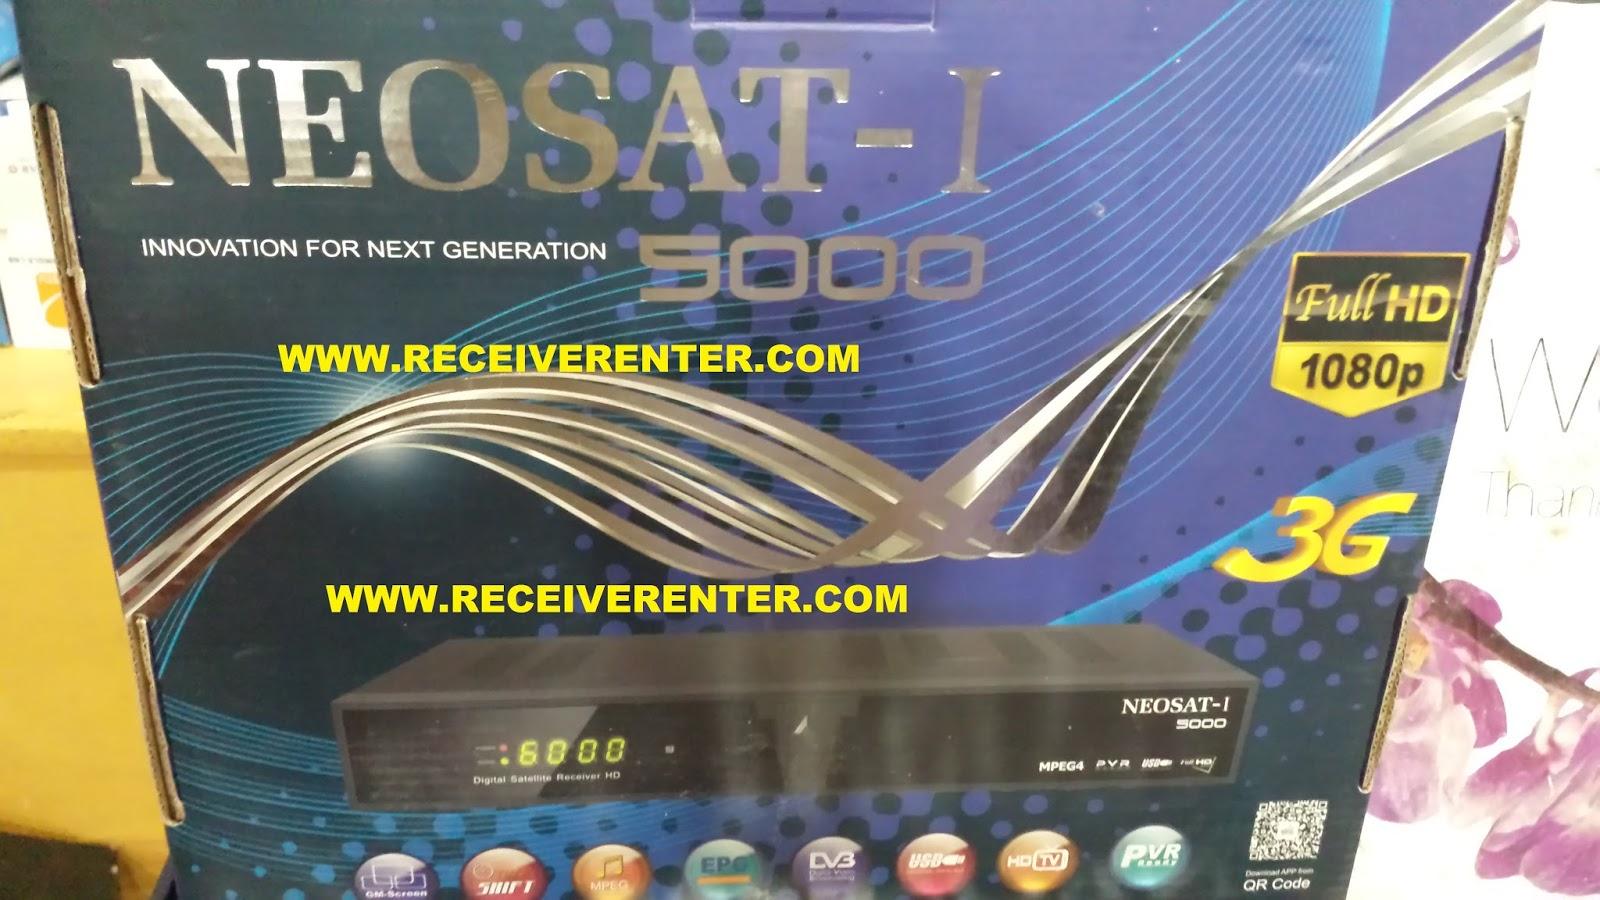 Neosat 8888 Software Download